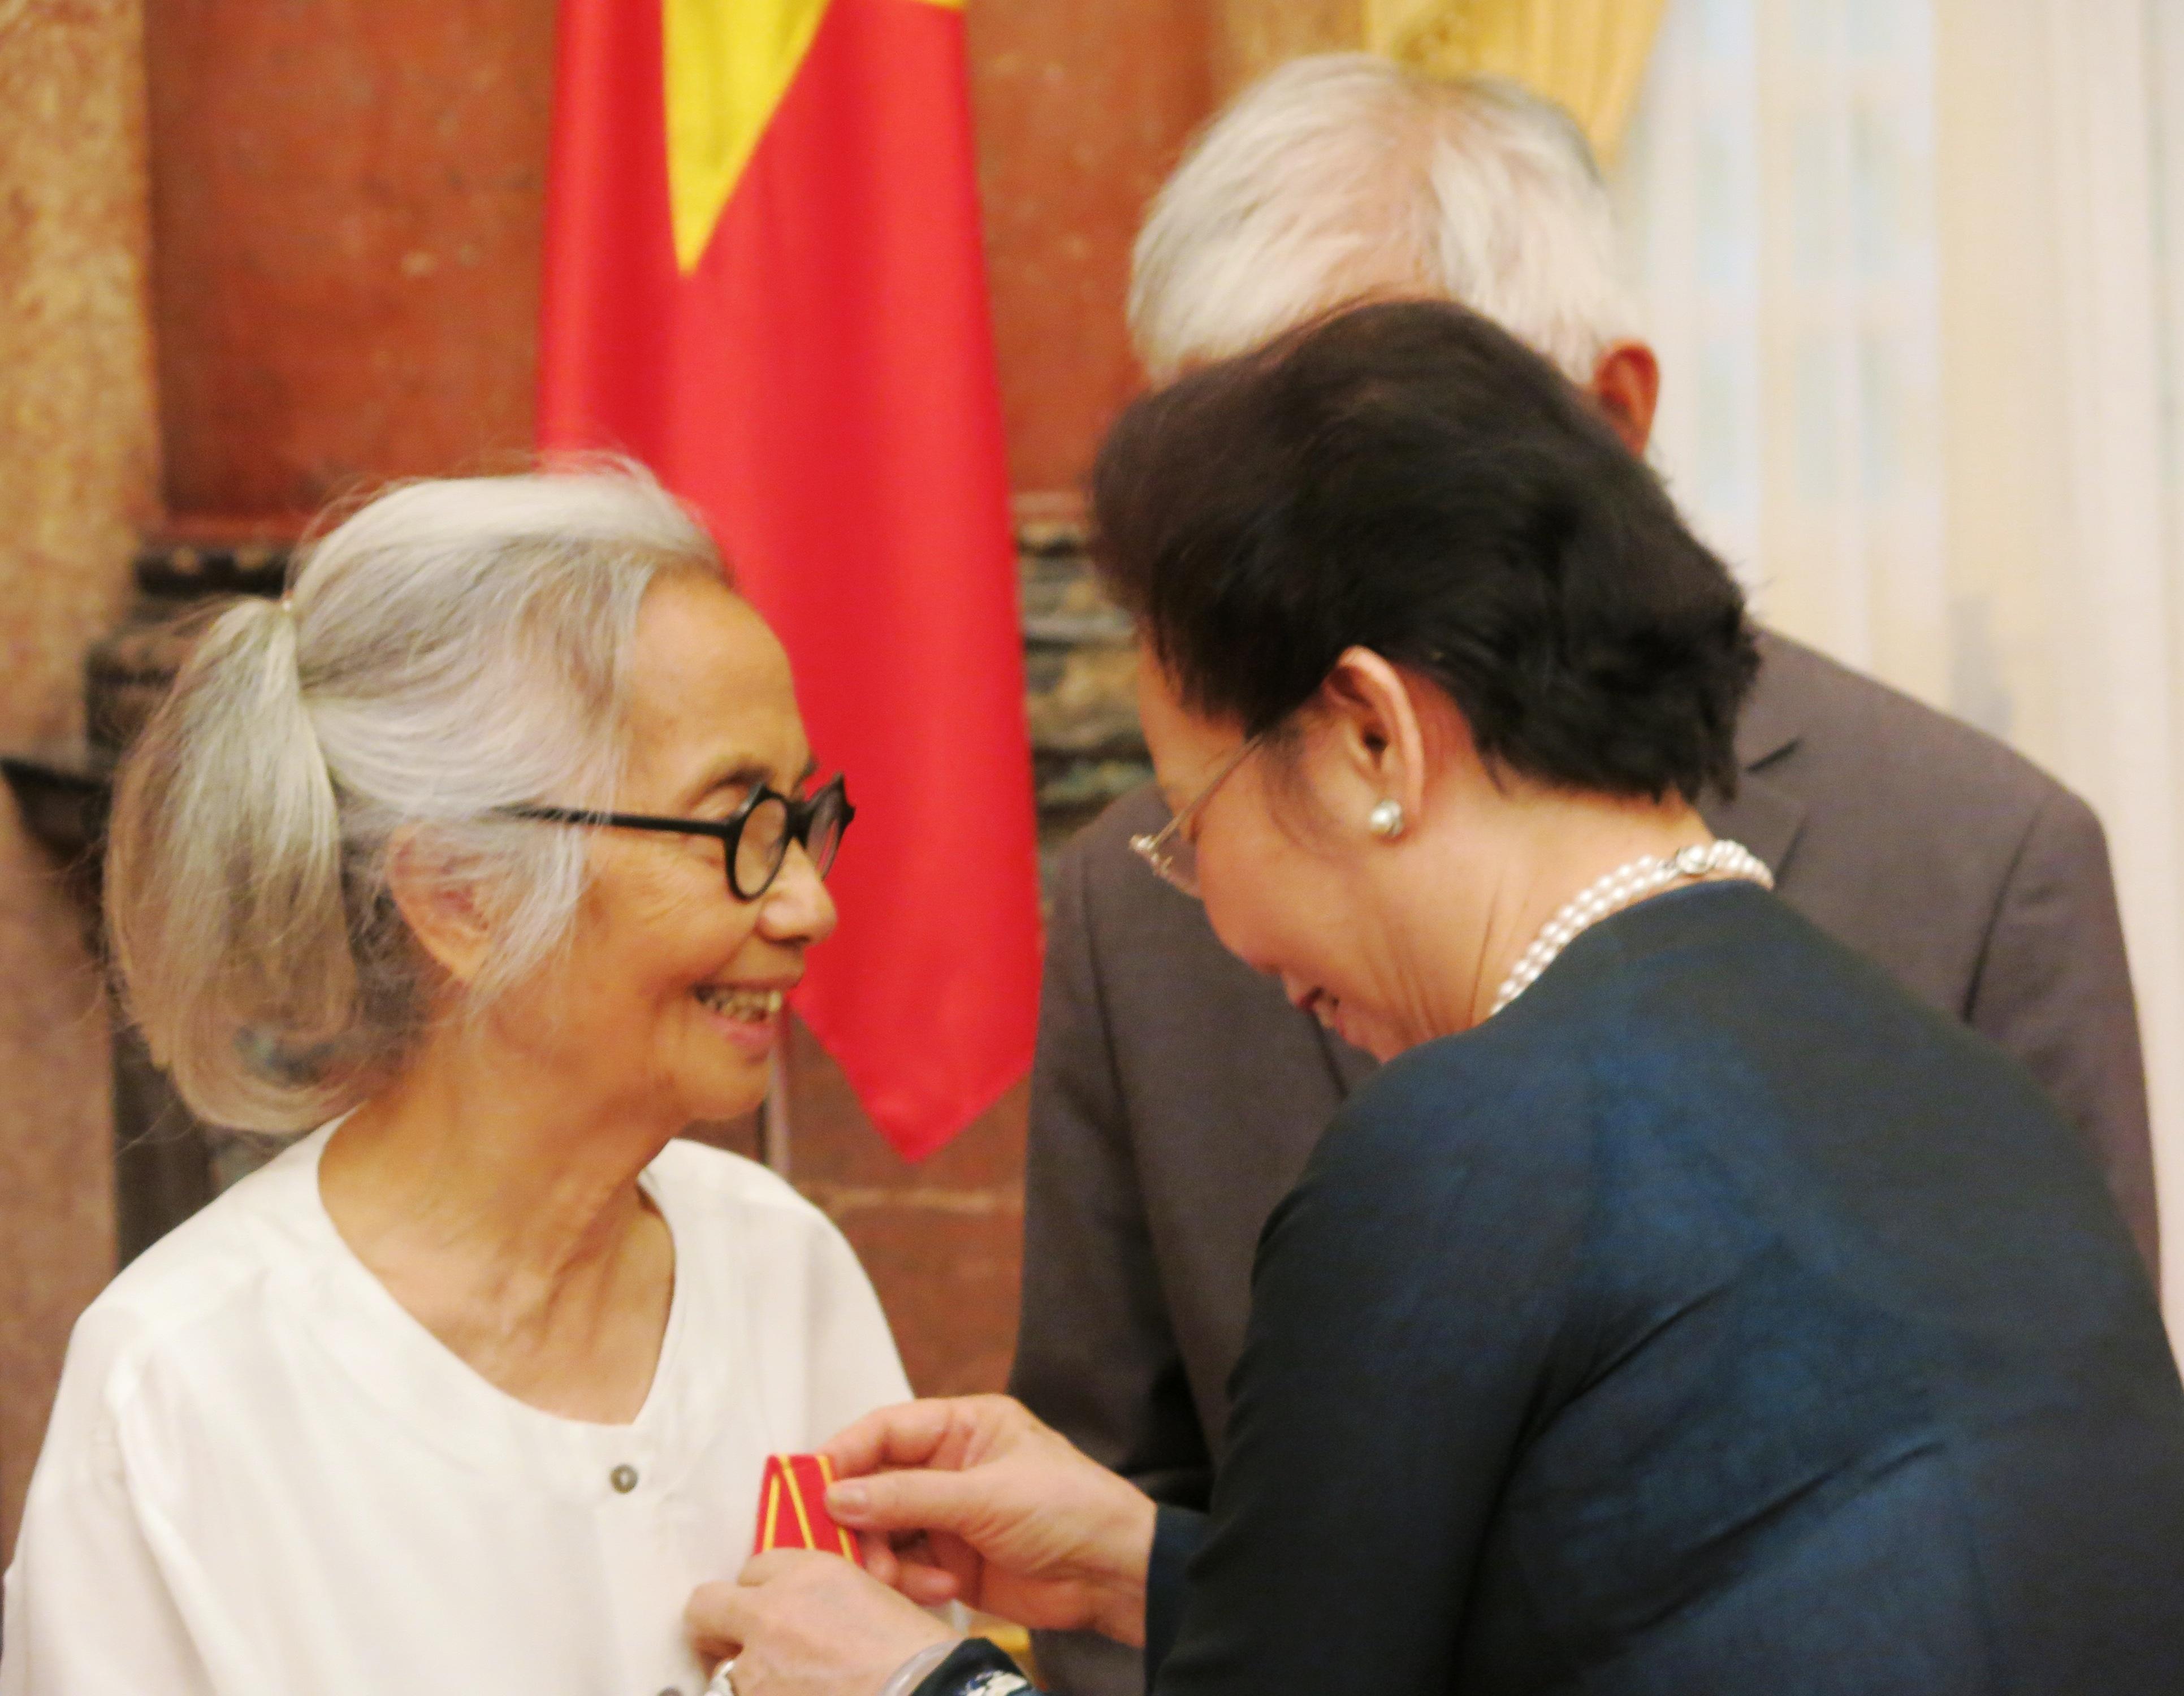 Phó Chủ tịch nước Nguyễn Thị Doan trao Huân chương Hữu Nghị đến hai Giáo sư.